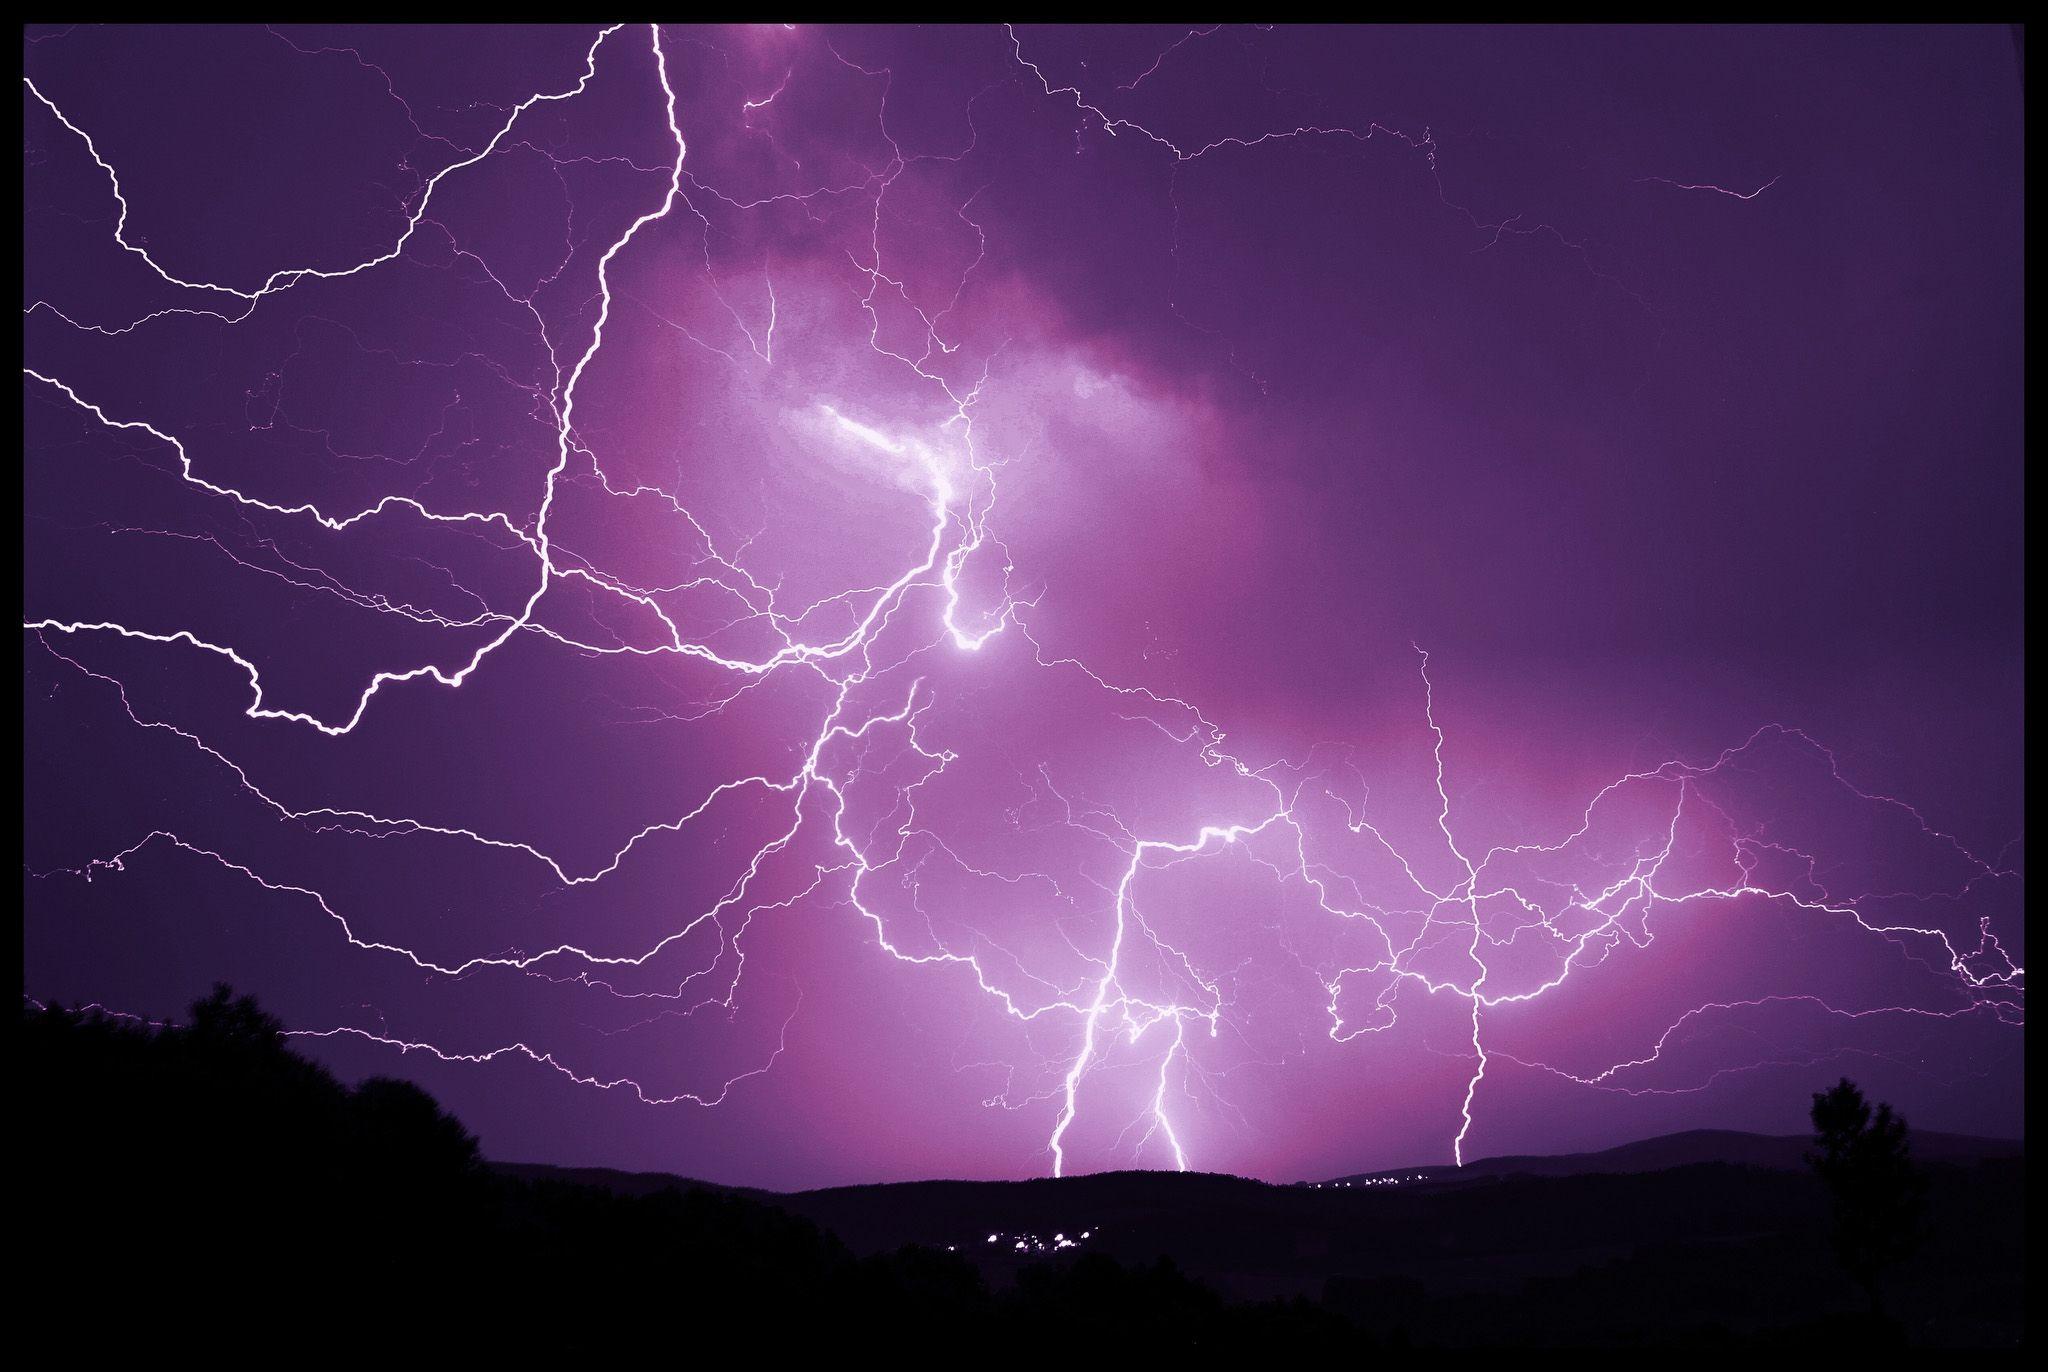 Epic Storm, electrifying photo